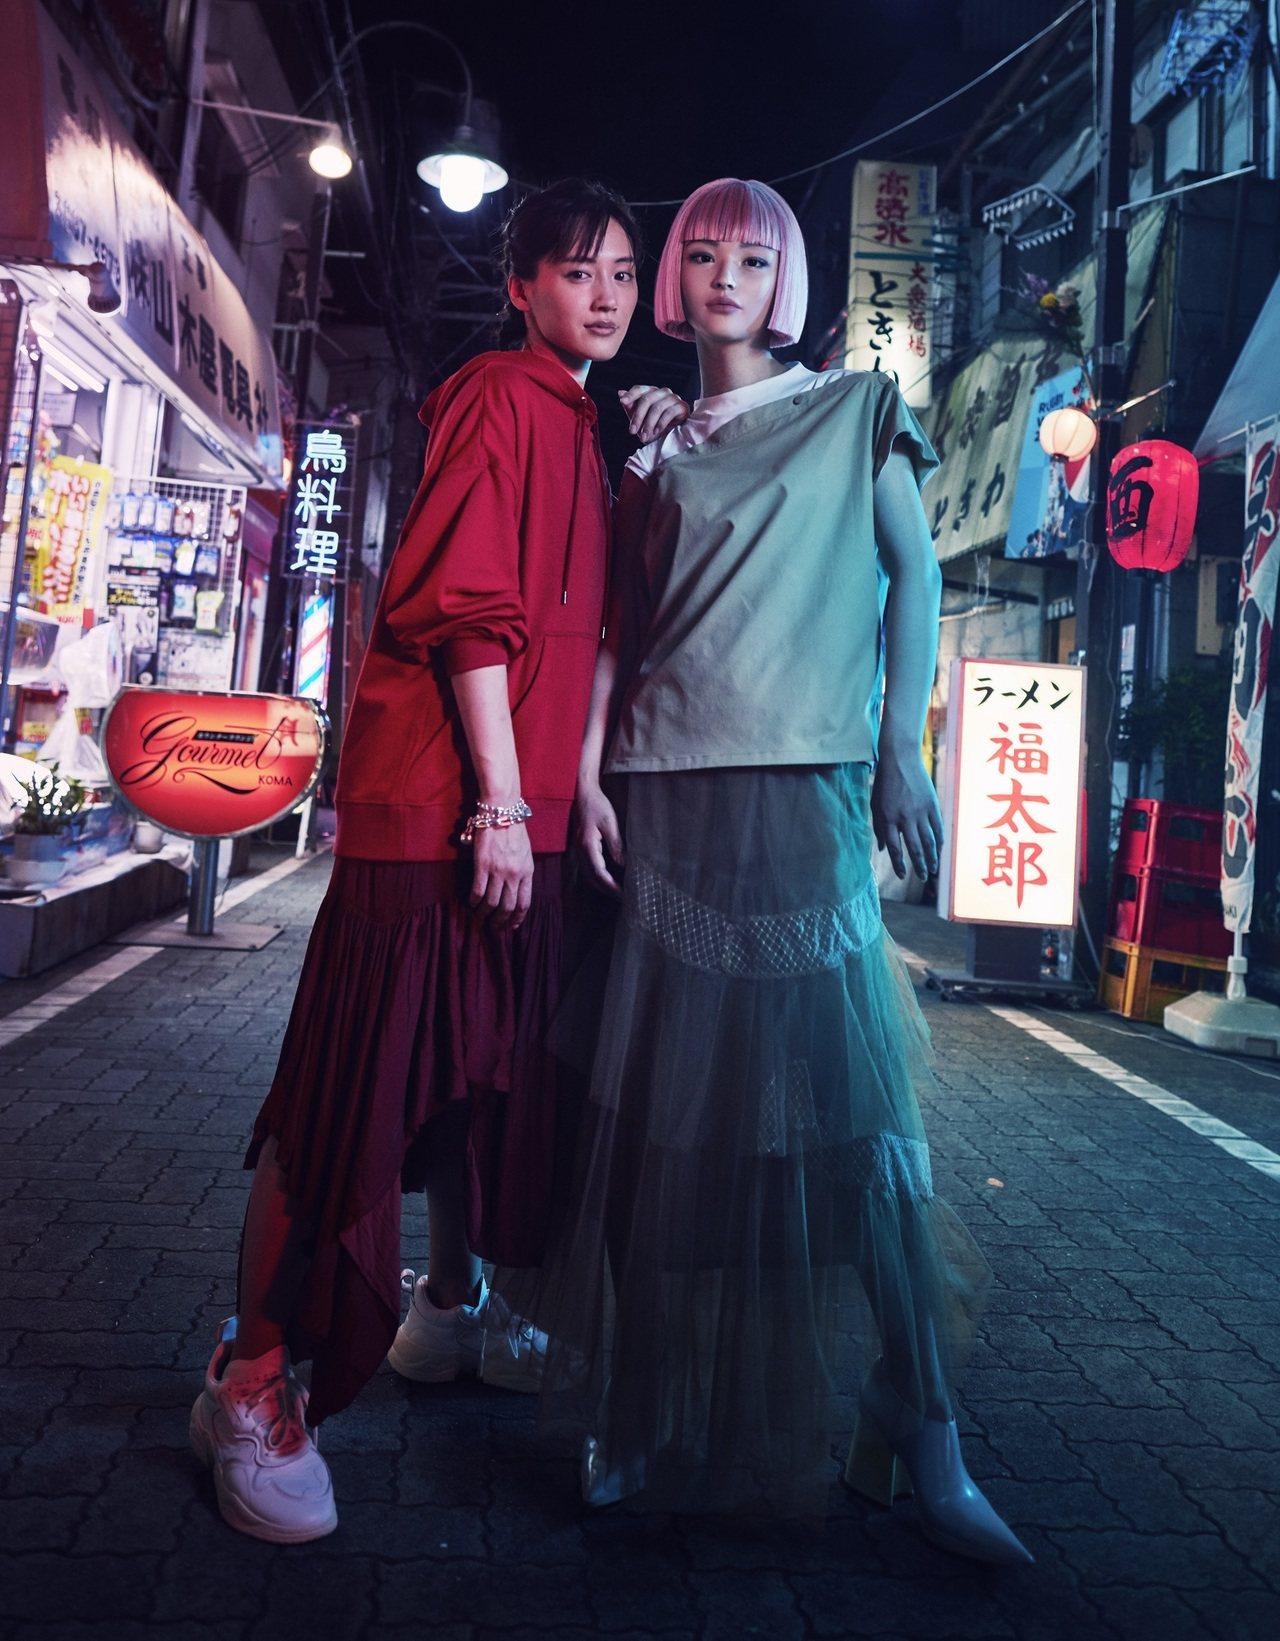 SK-II再推限量版青春露,這次不僅一口氣穿上了三個顏色新裝,還創造性邀請日本首...